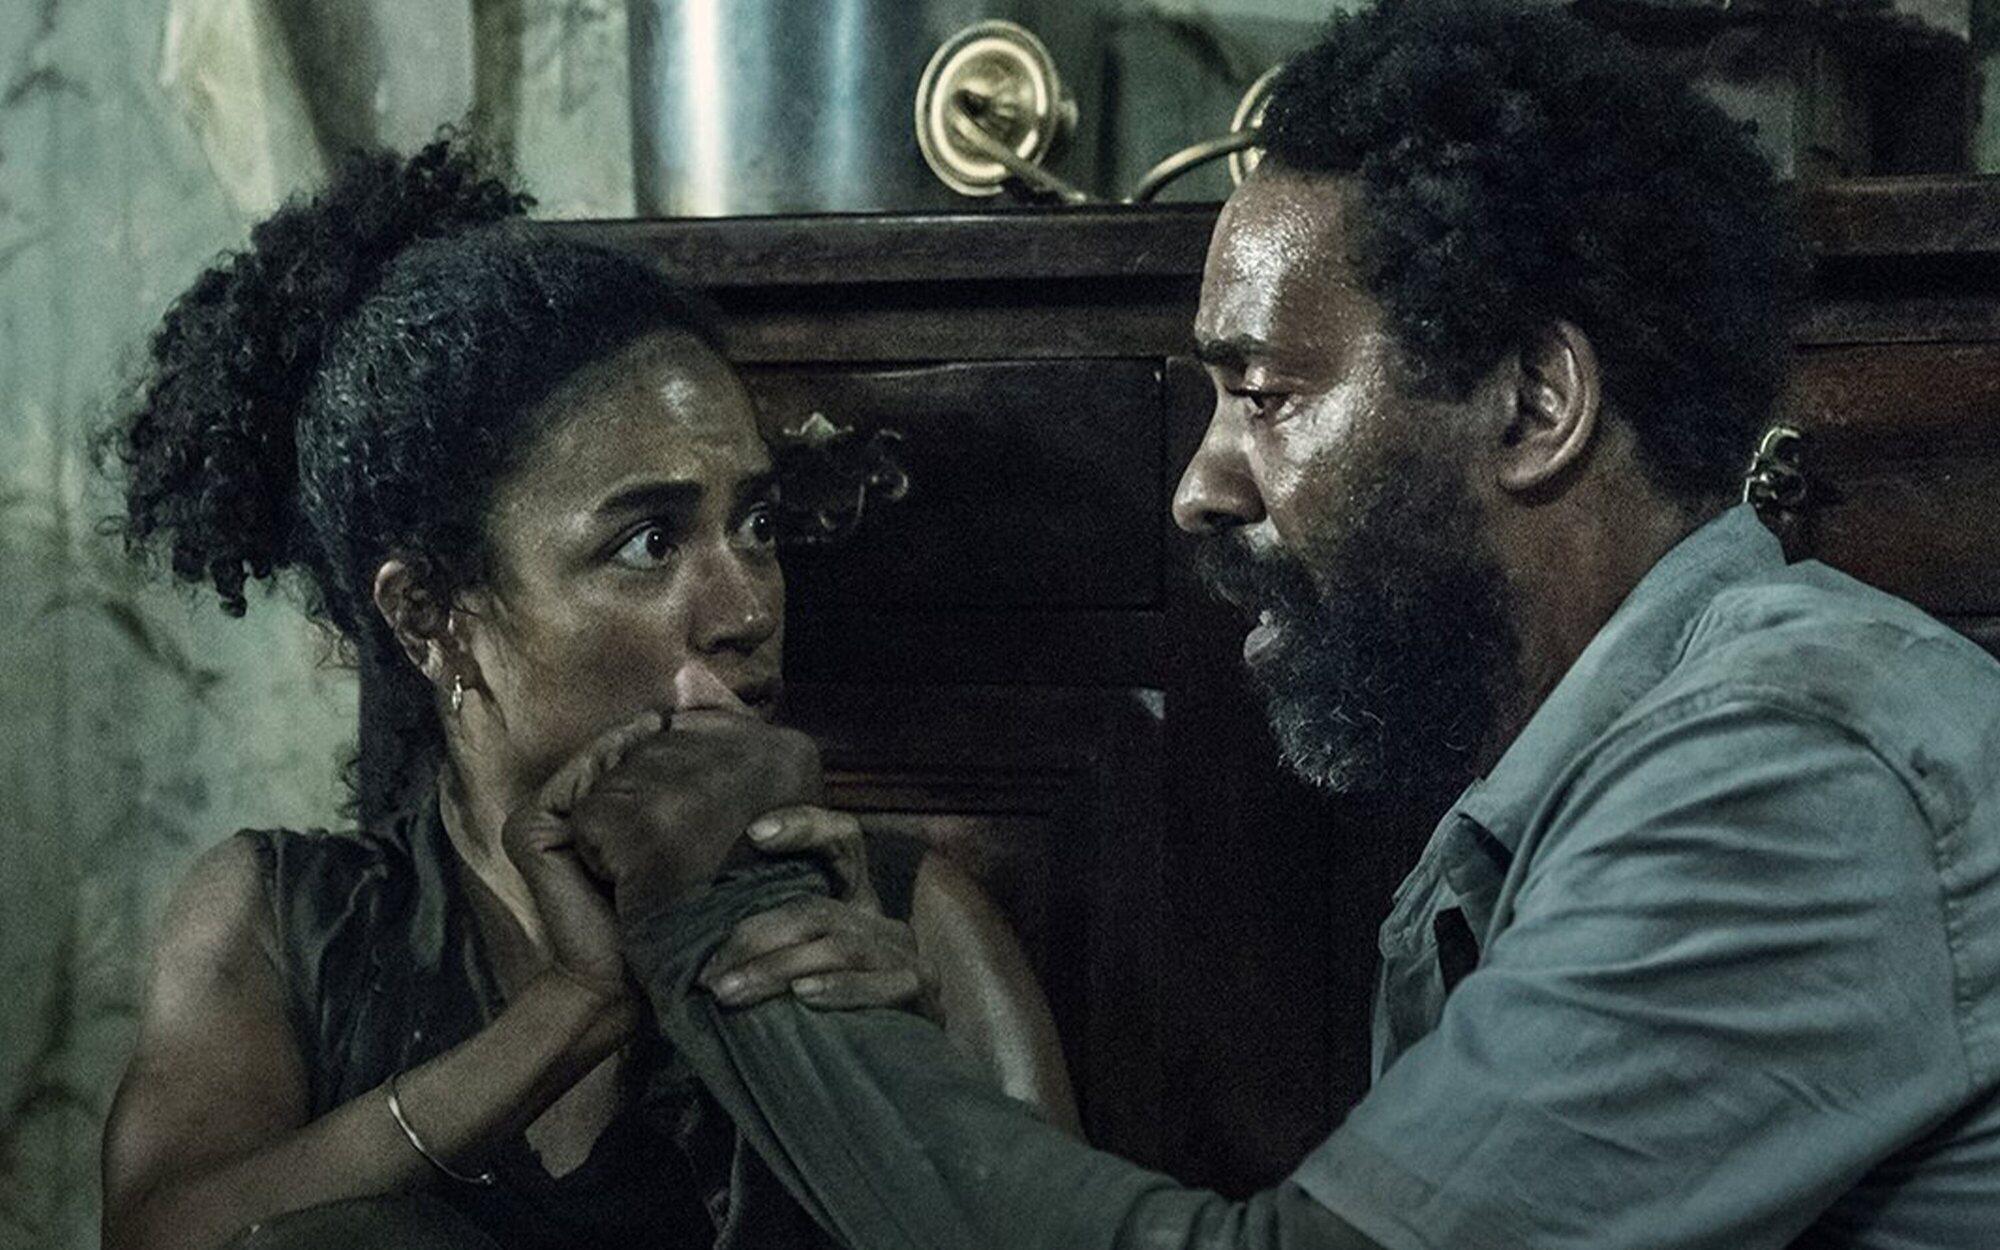 Connie y Virgil en la casa del terror del episodio 11x06 de The Walking Dead